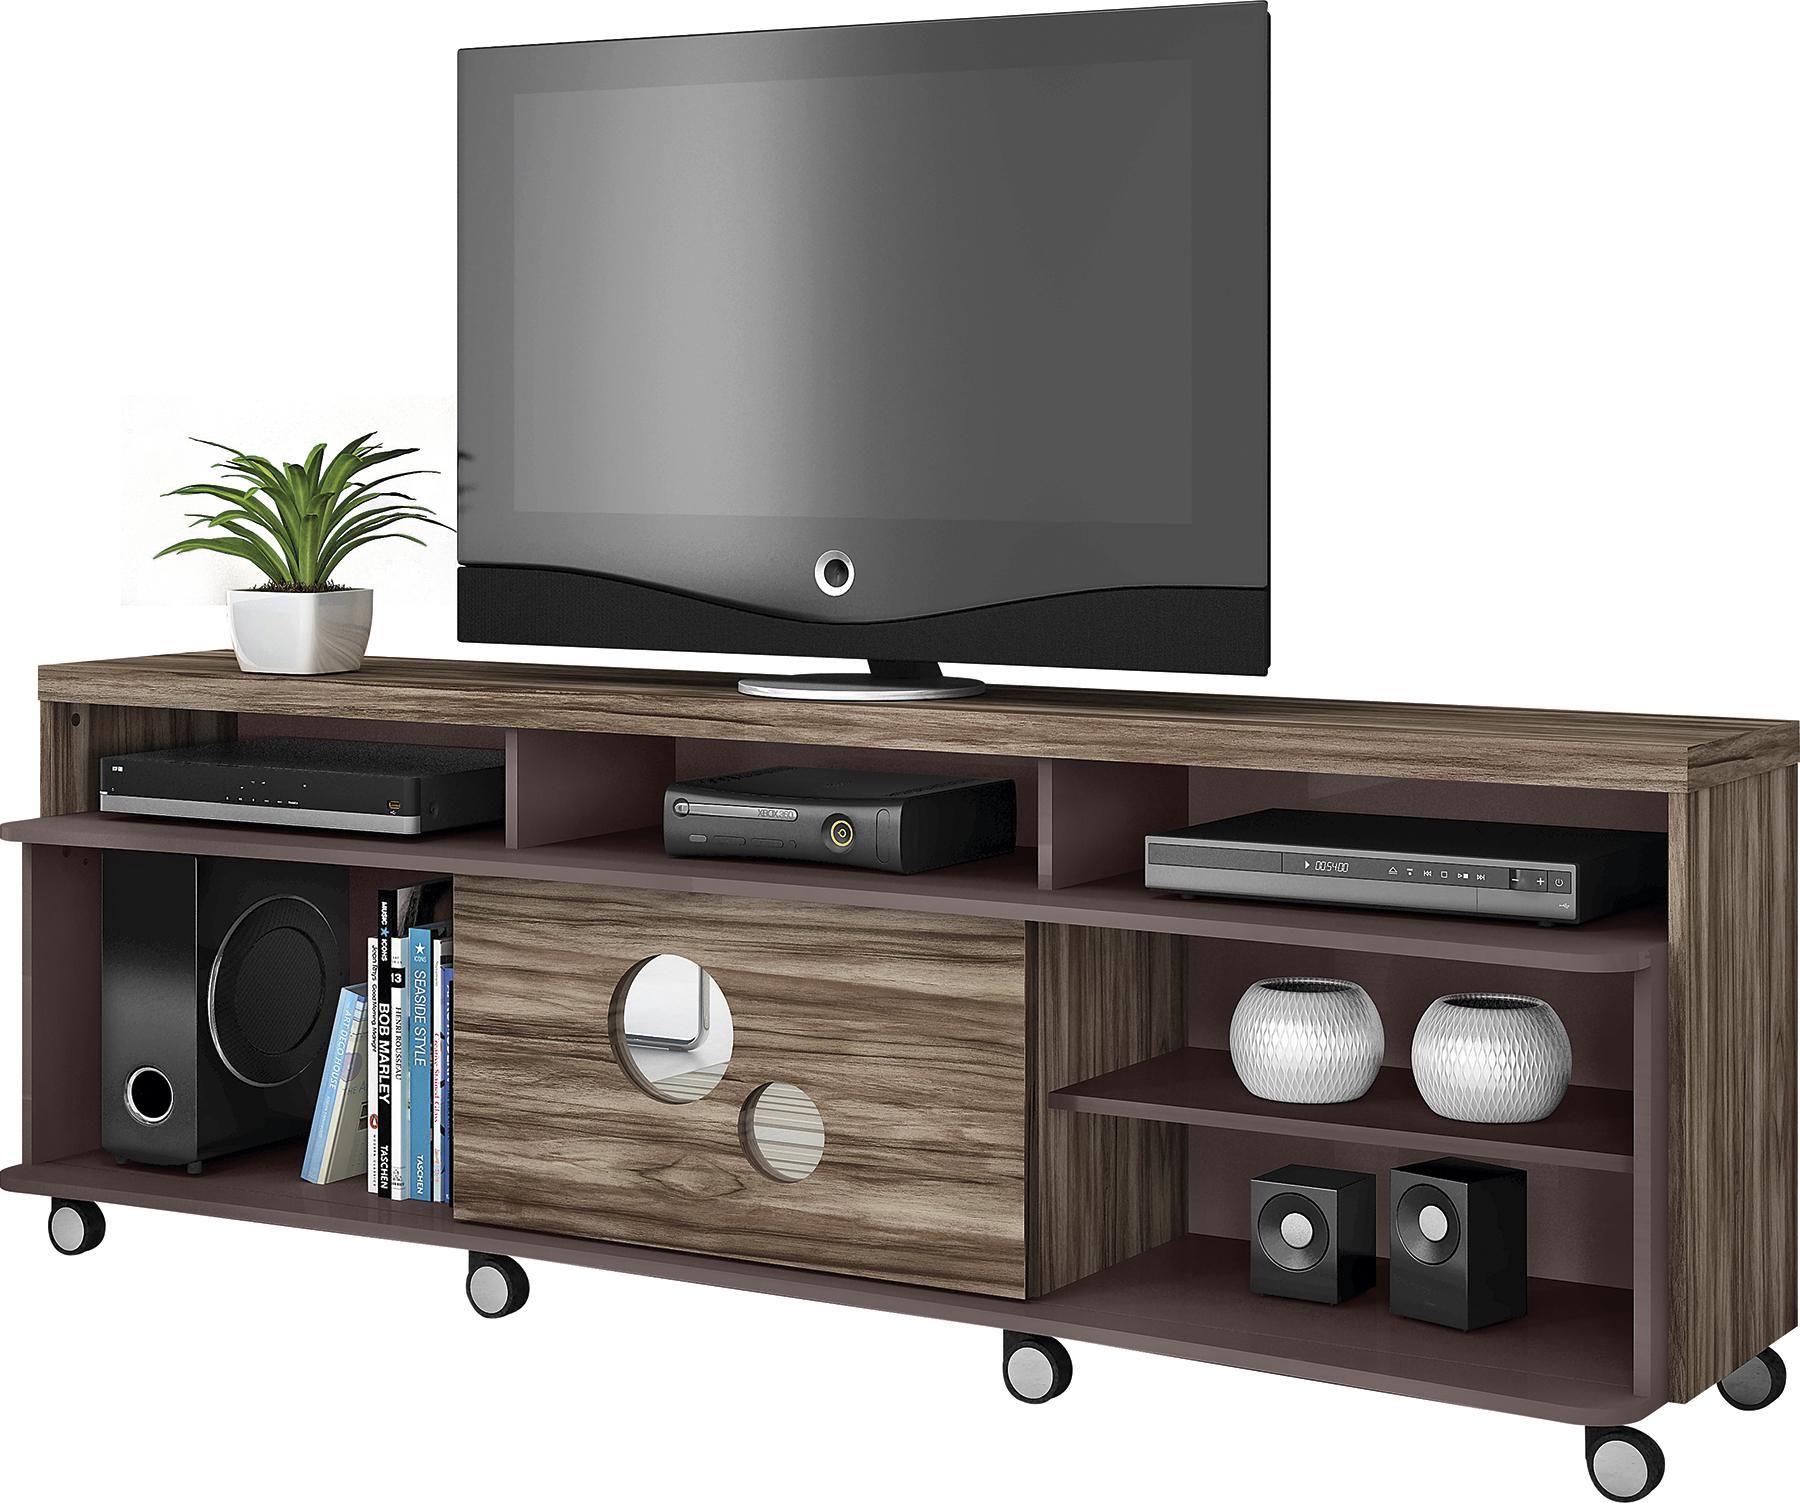 Mueble Para Tv Pantalla Equipo De Sonido Hanover Cod 5635 Labnash # Muebles Equipo De Sonido